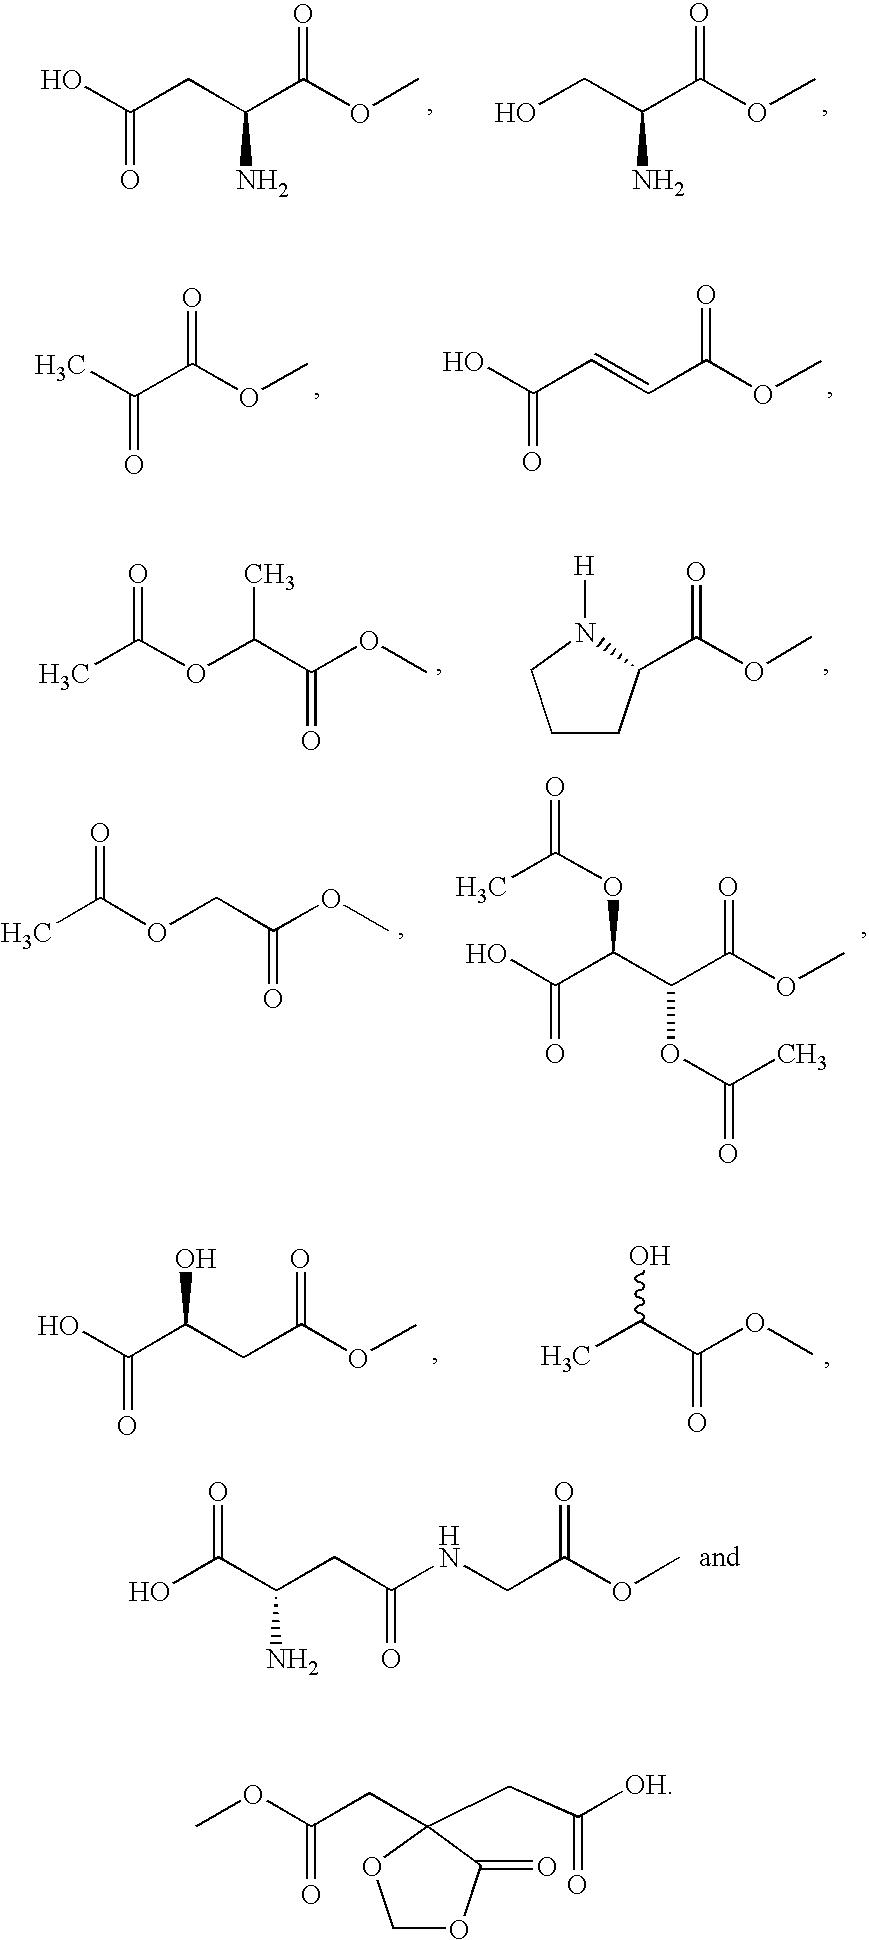 Figure US20070015741A1-20070118-C00003